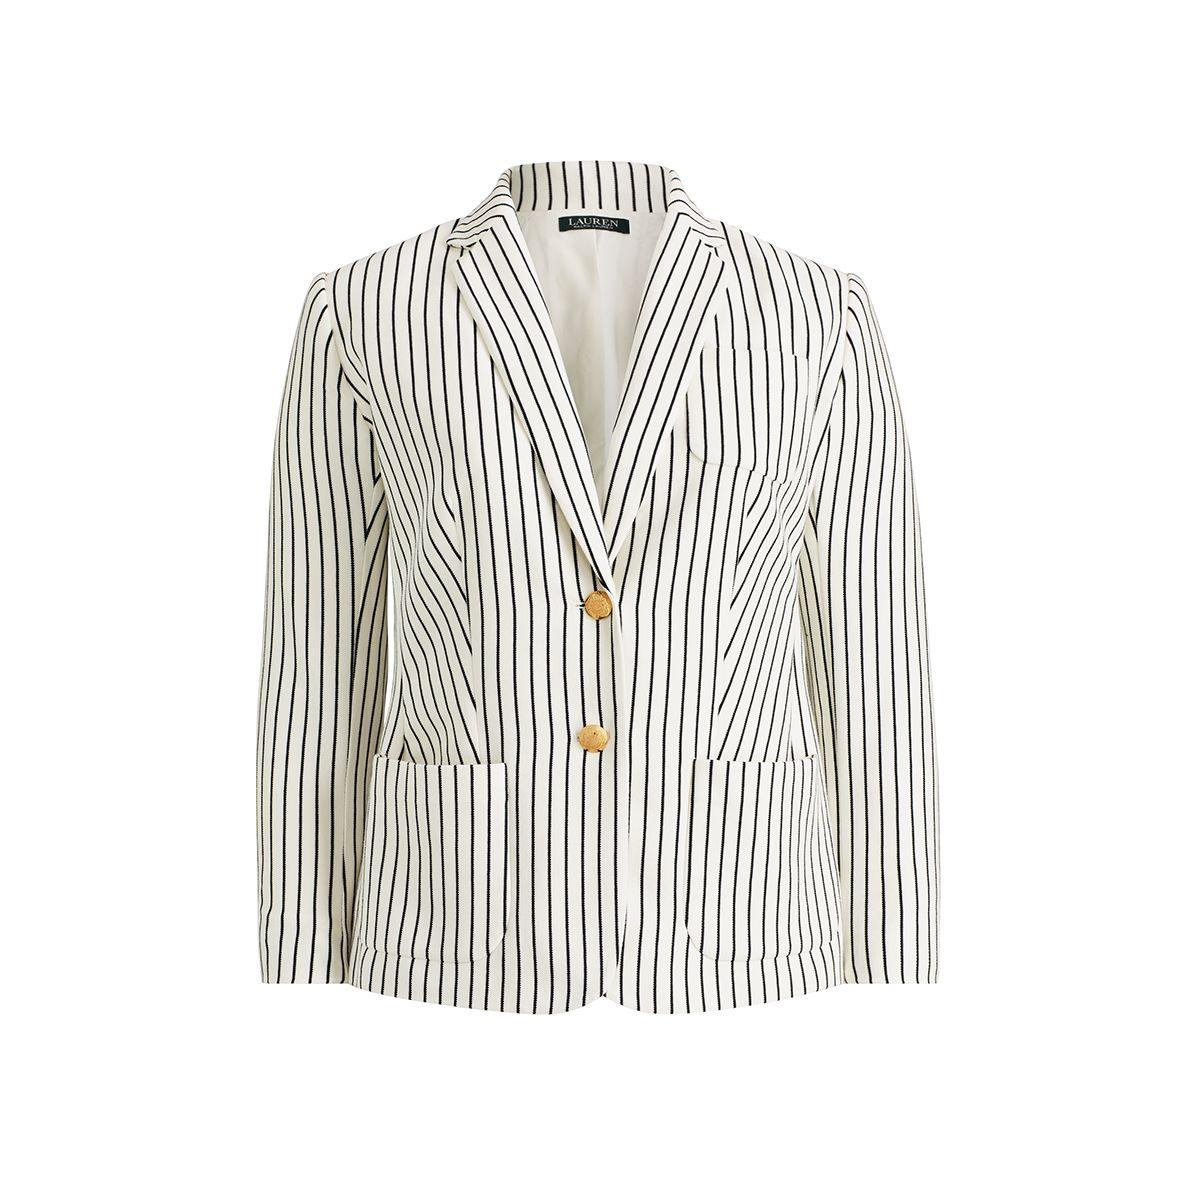 71419abbc20 Ralph Lauren Plus Size Clothing - Lauren Ralph Lauren - Macy s